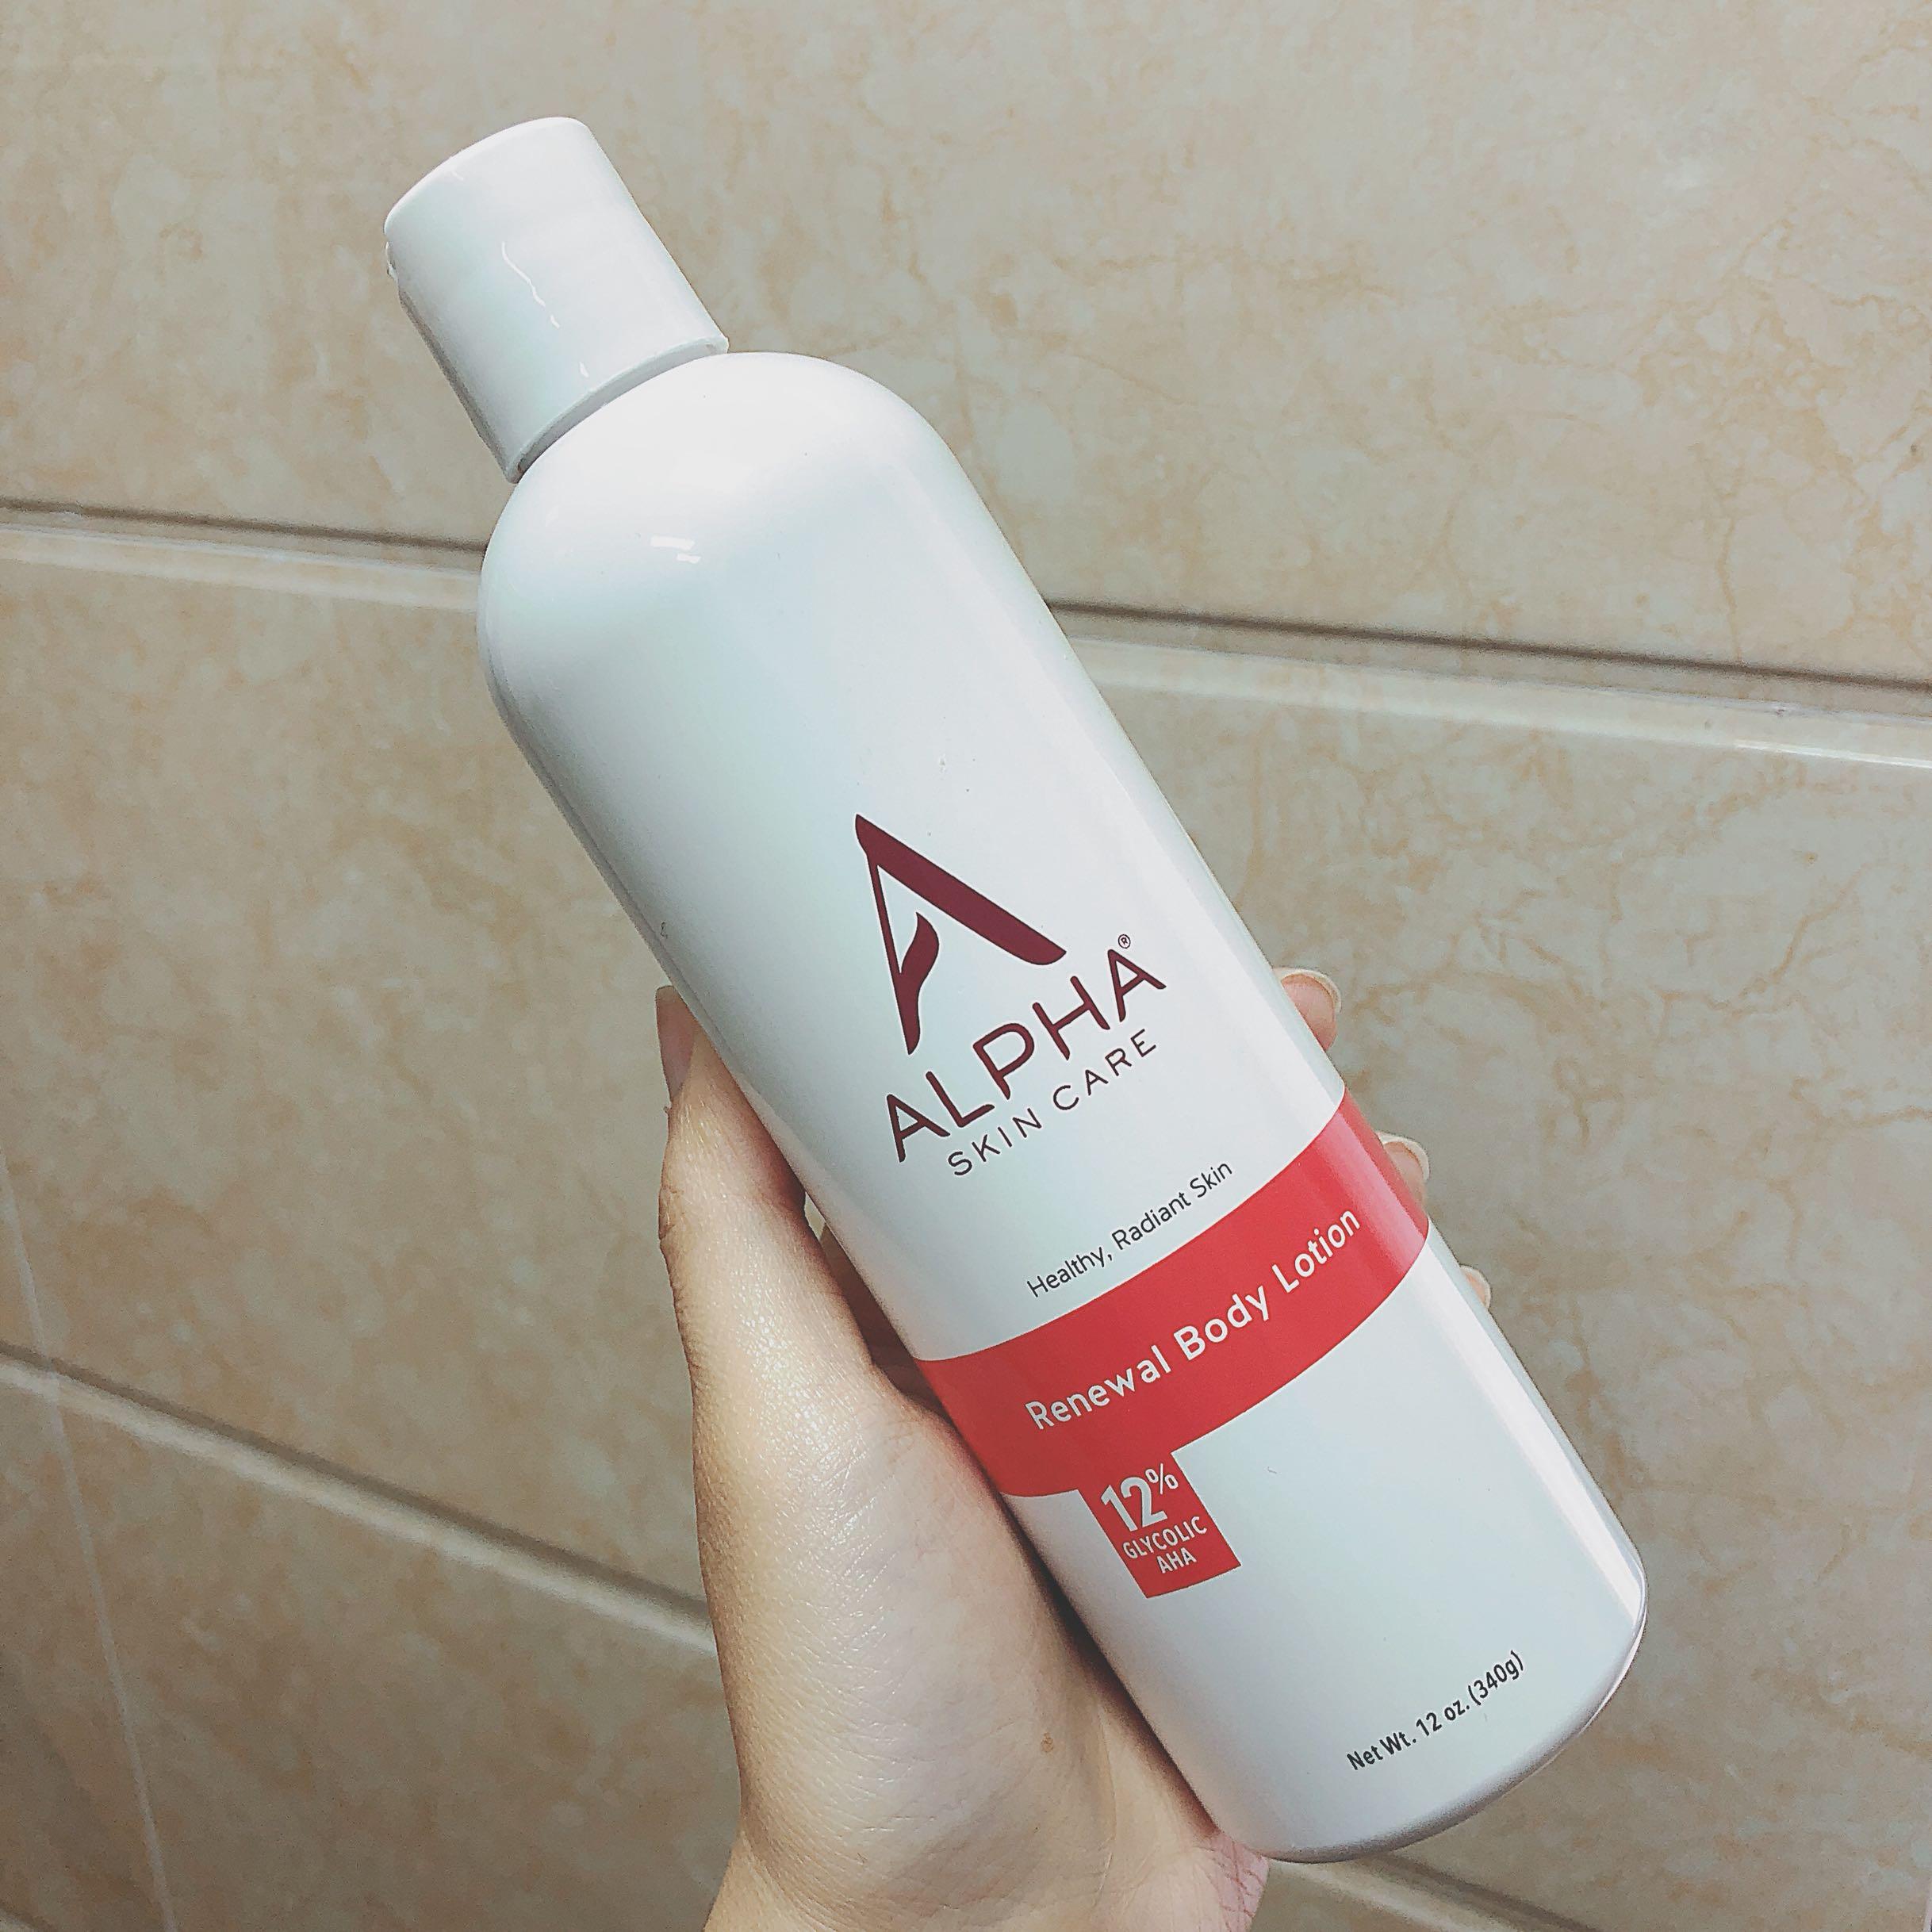 包邮美国正品Alpha Hydrox12%果酸丝滑身体乳AHA去角质鸡皮340g